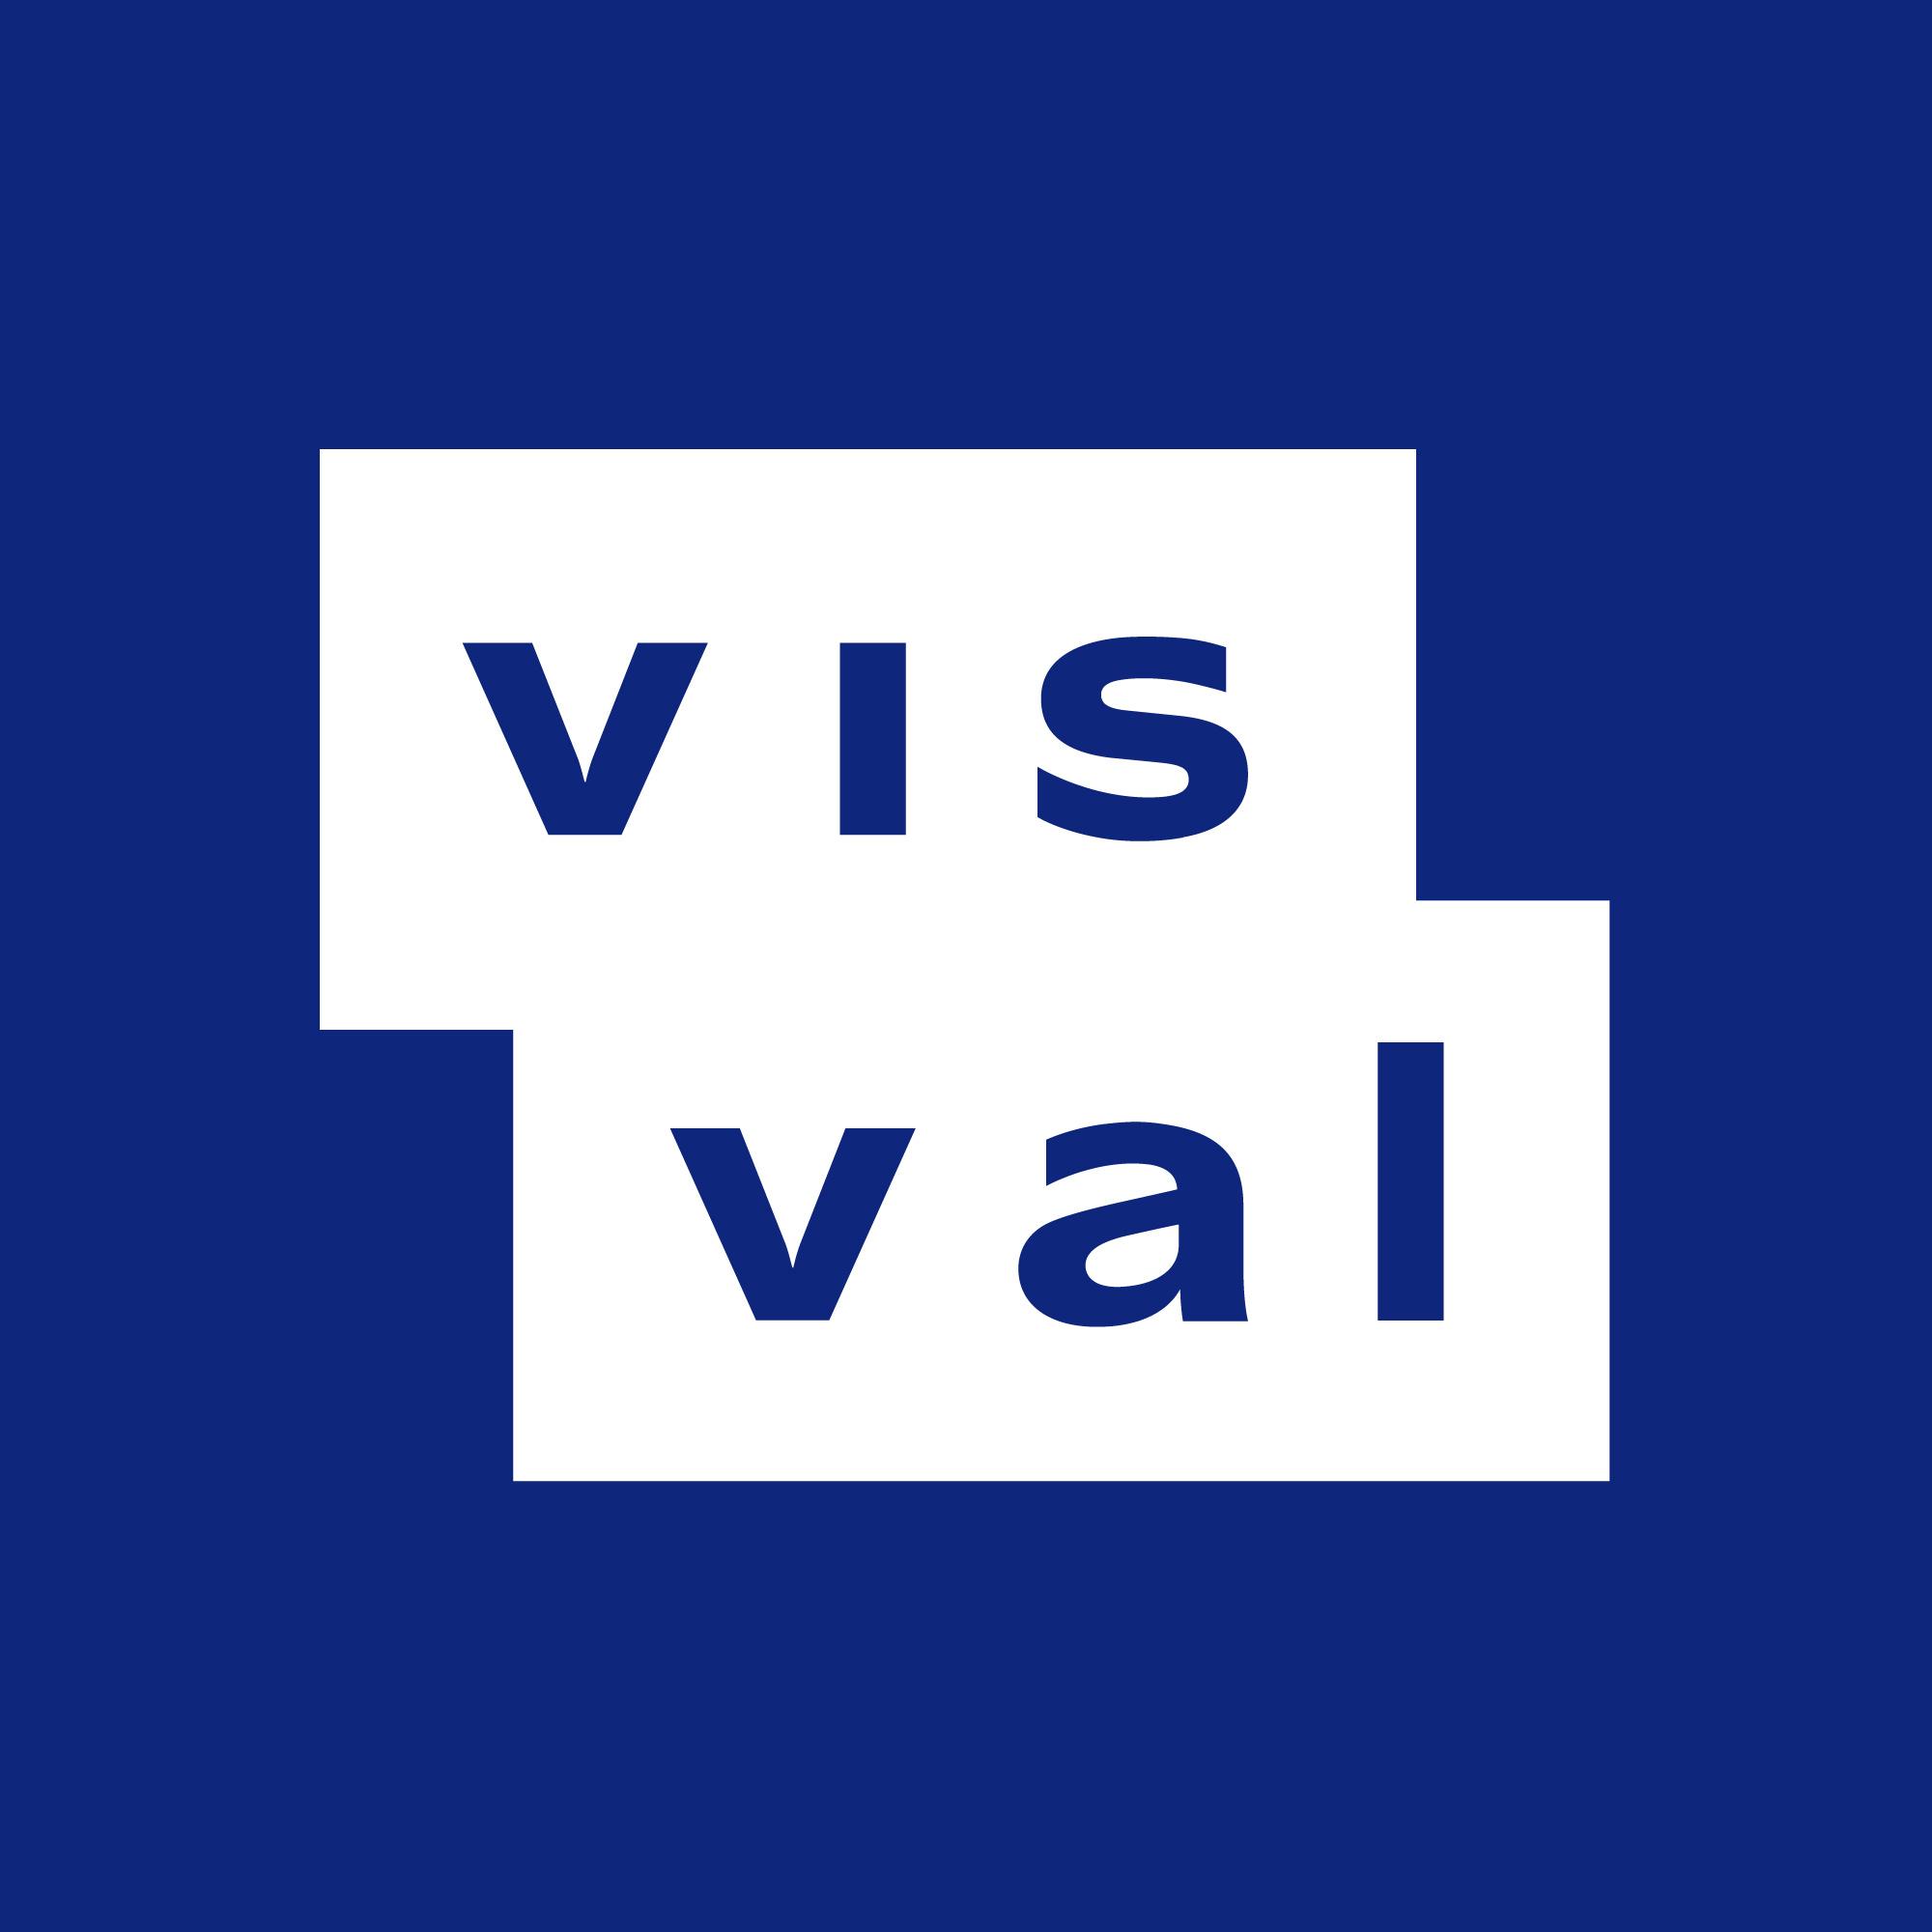 visvalbags.com